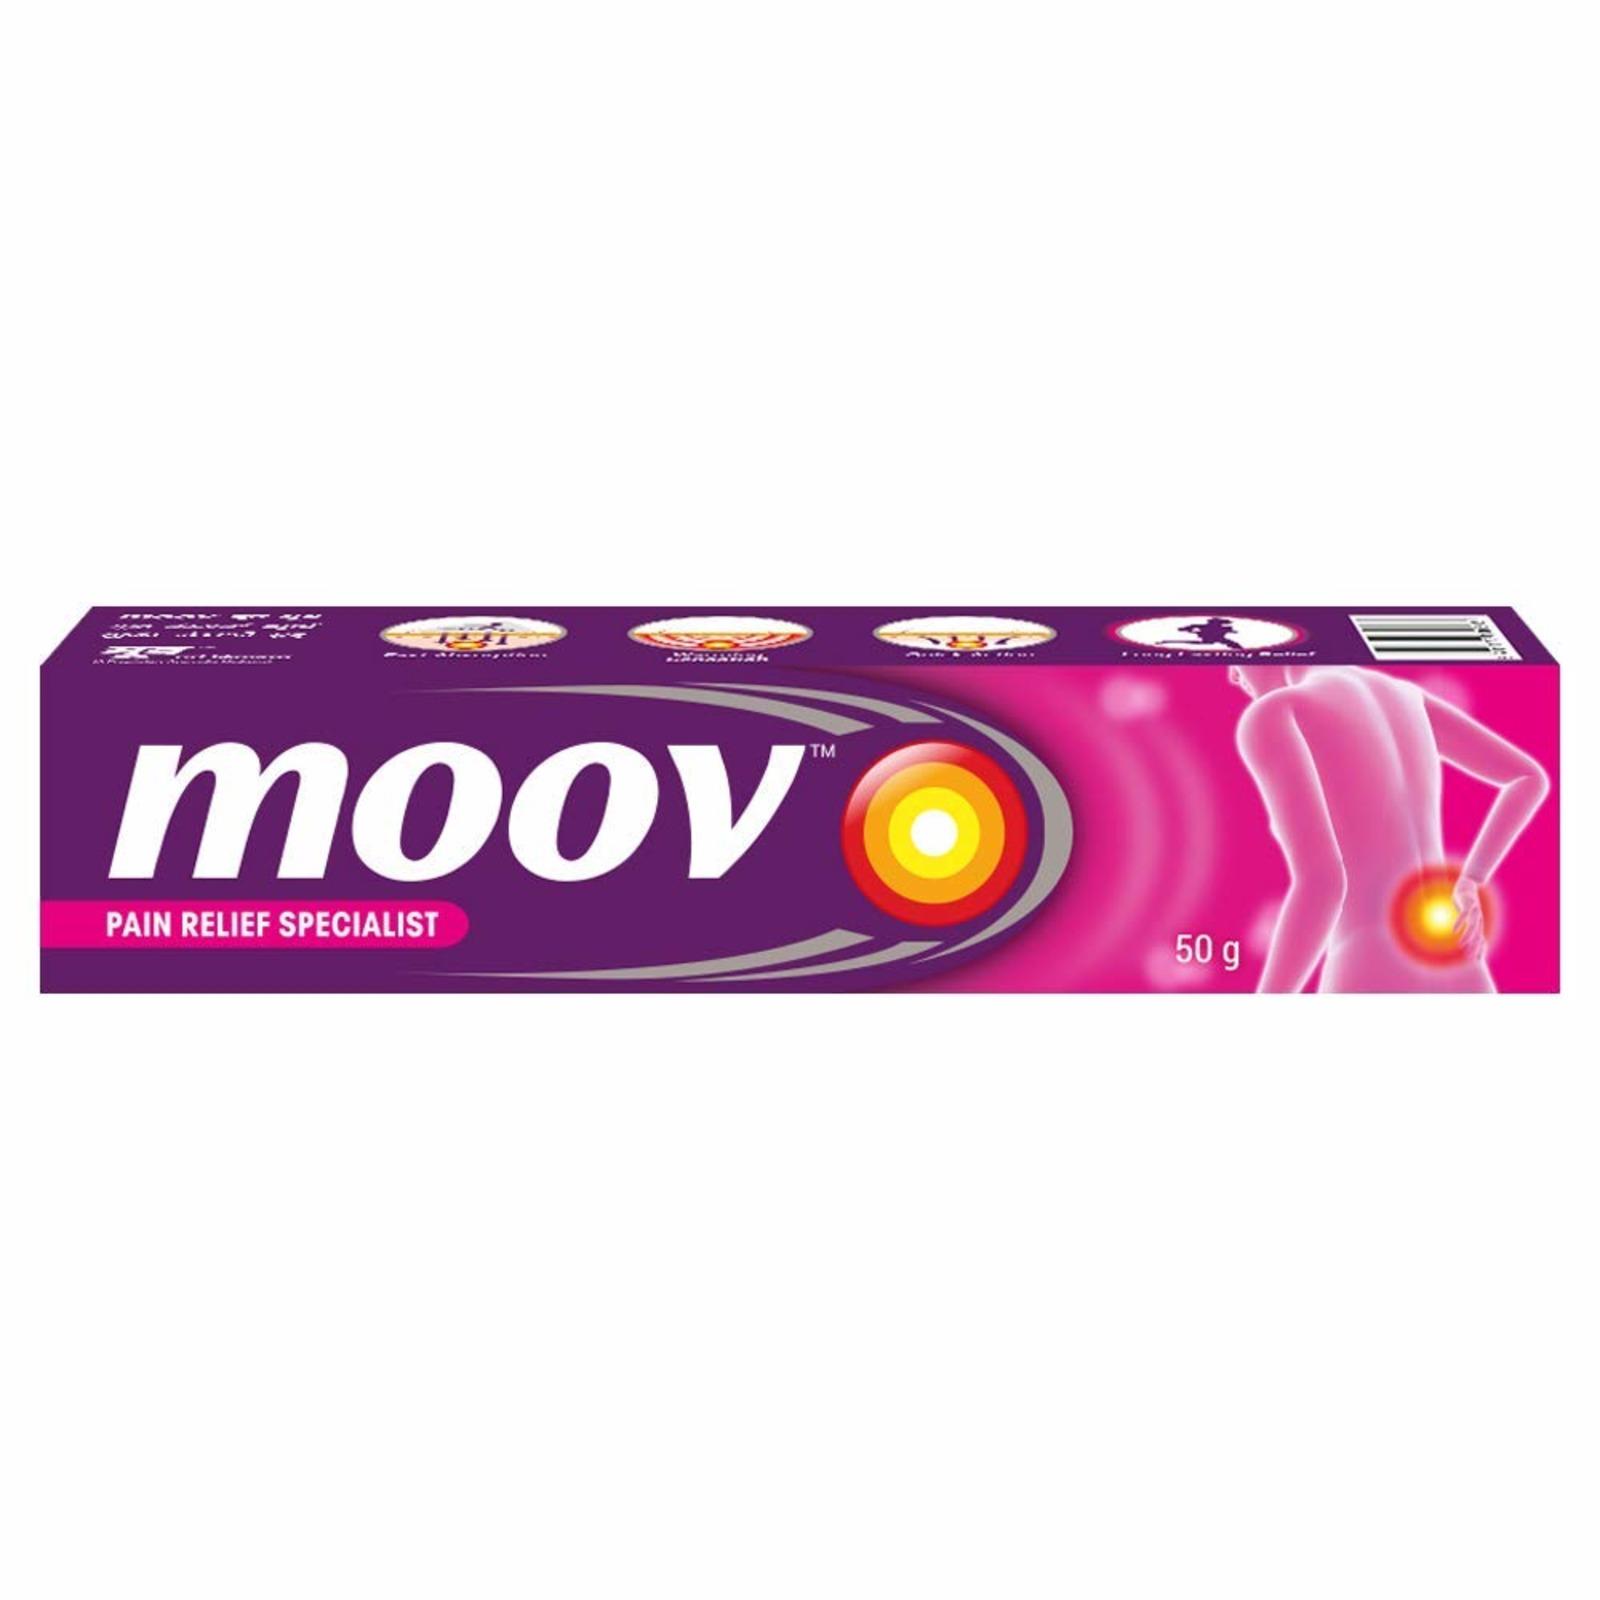 Moov Pain Relief Specialist - Cream